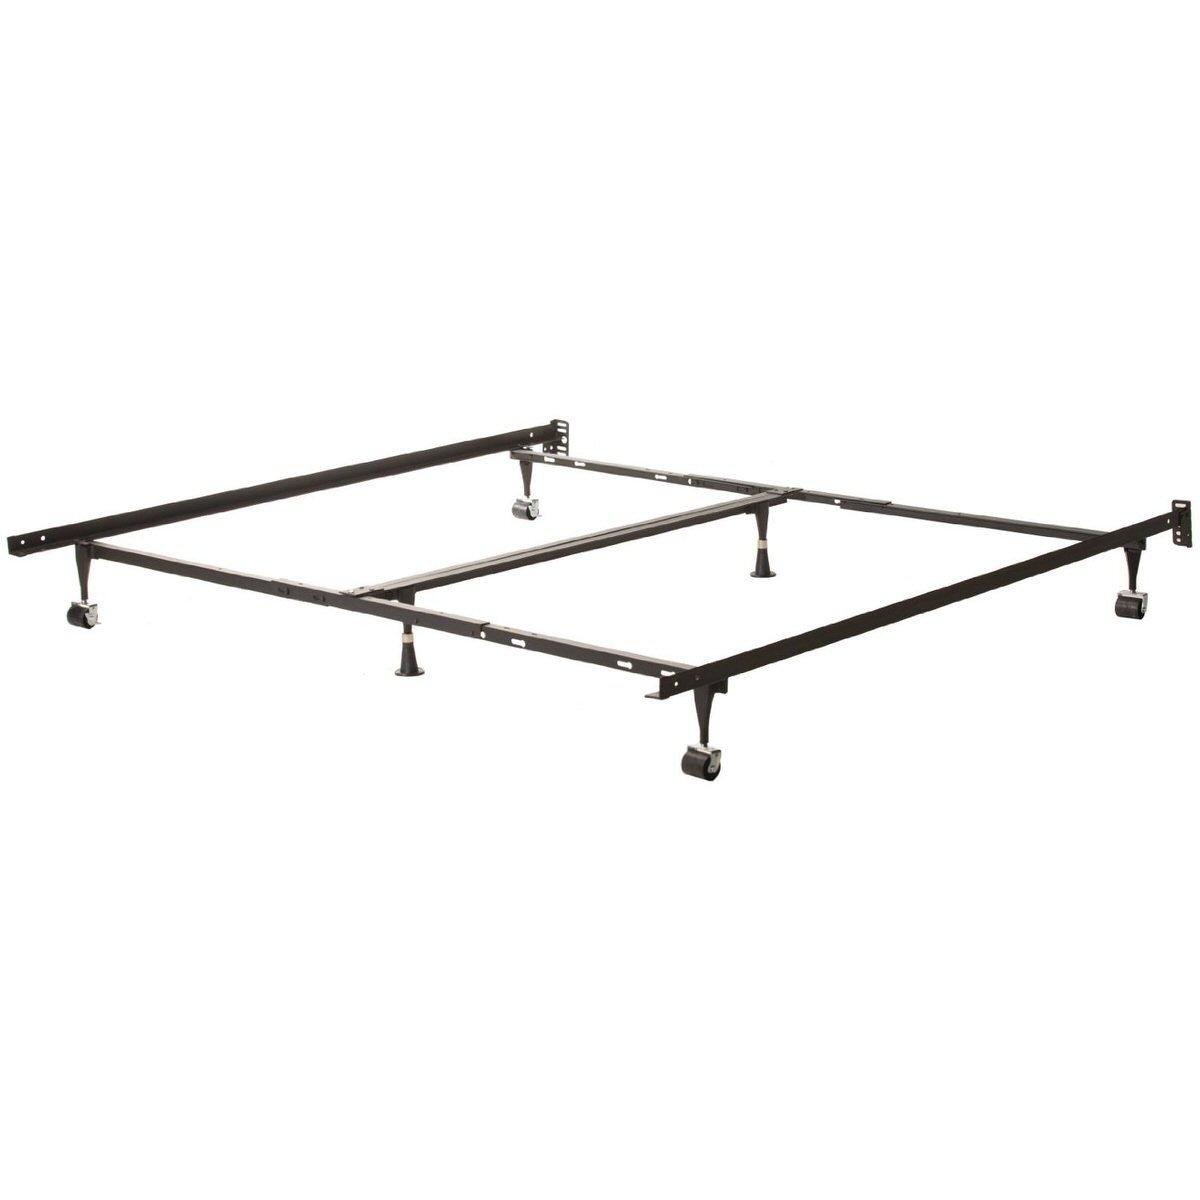 Universal Adjustable Metal Bed Frame Queen/King 1200 x 1200